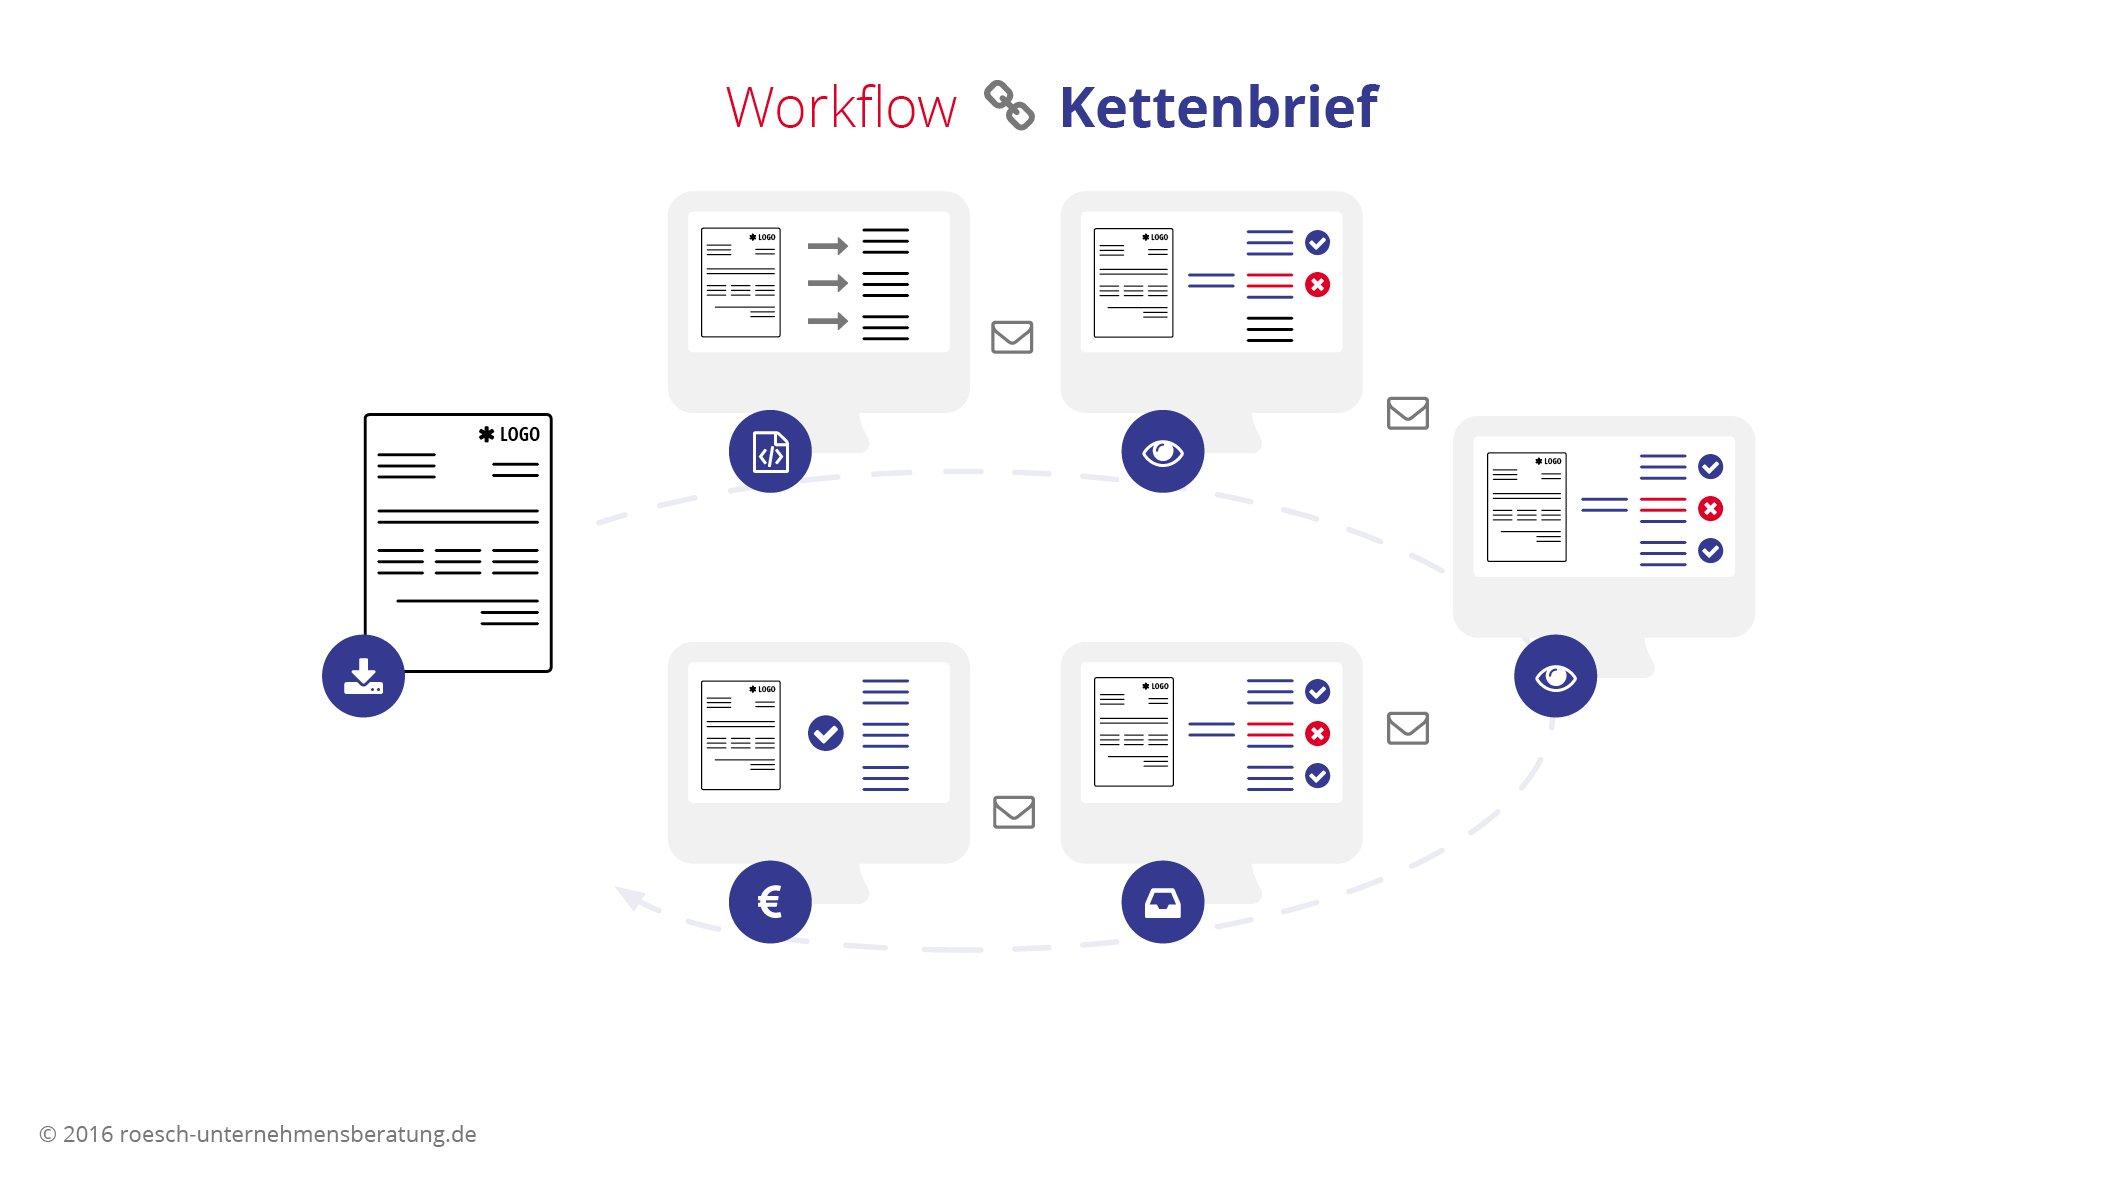 Workflow Kettenbrief